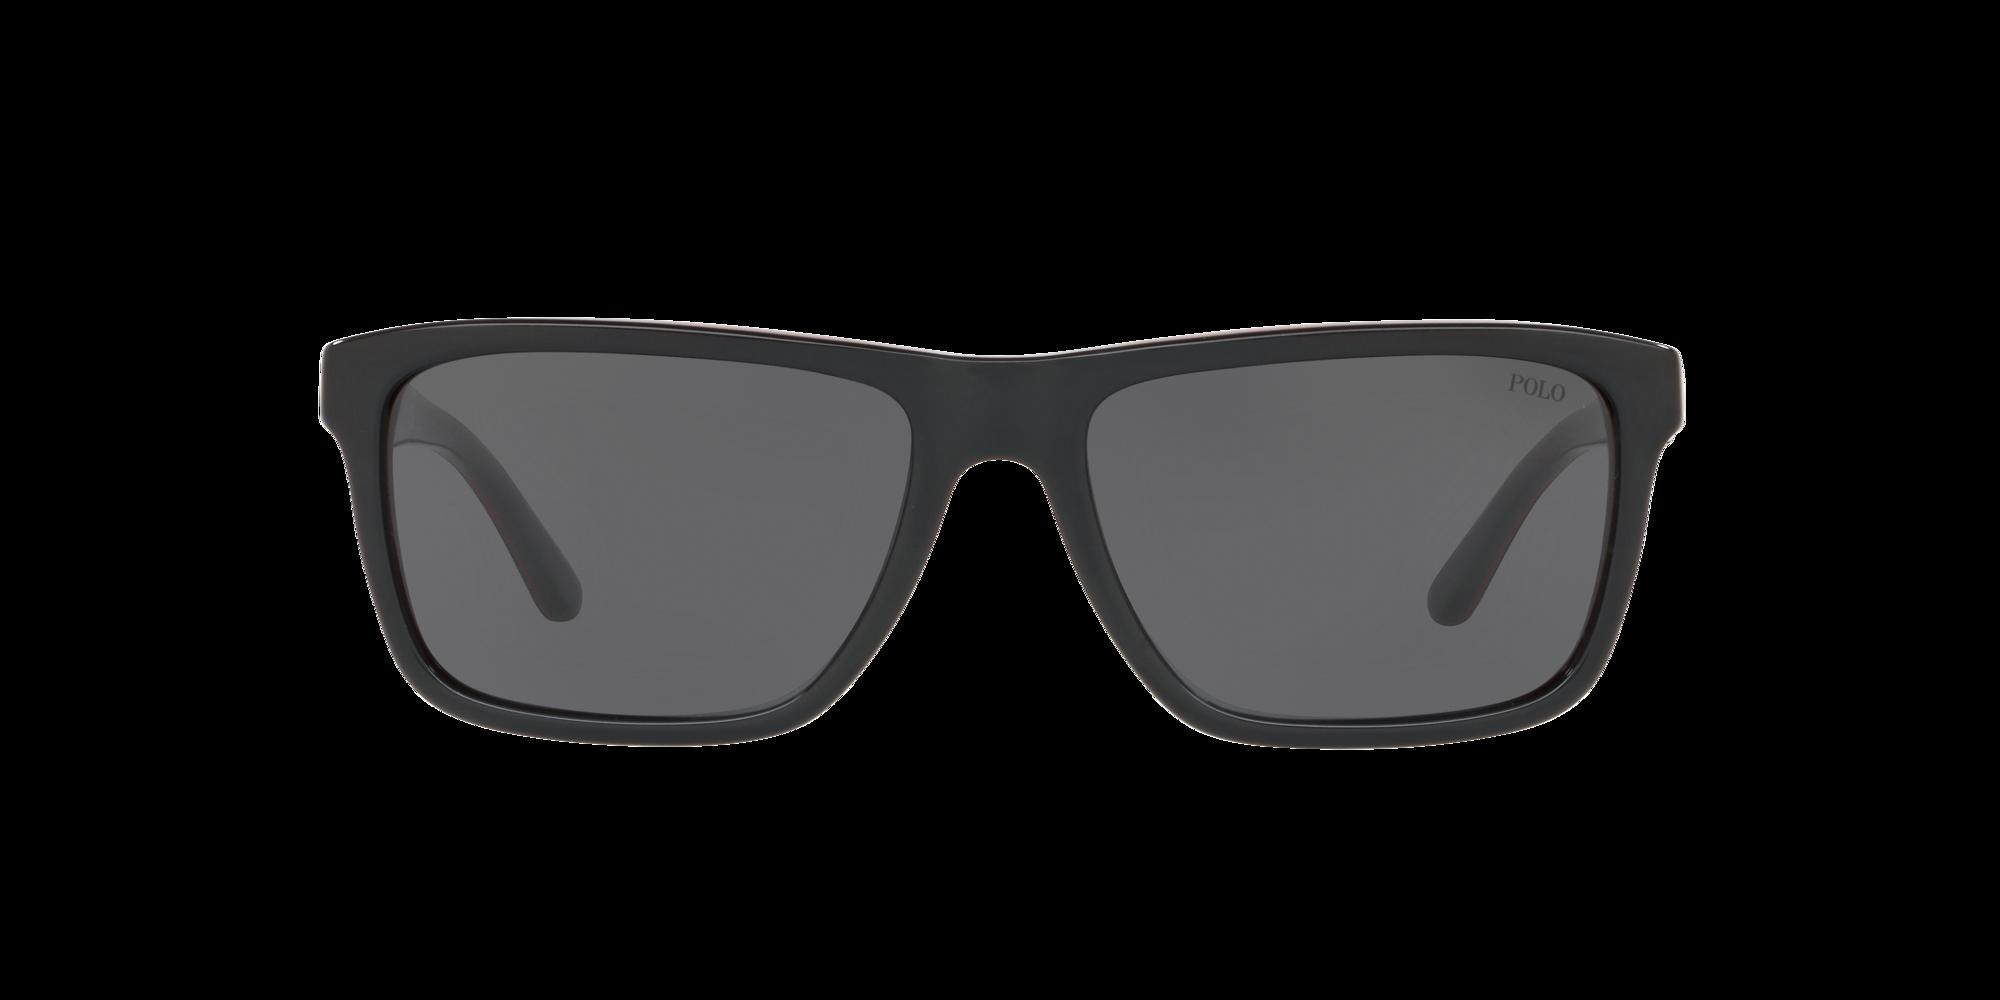 Imagen para PH4153 58 de LensCrafters |  Espejuelos, espejuelos graduados en línea, gafas